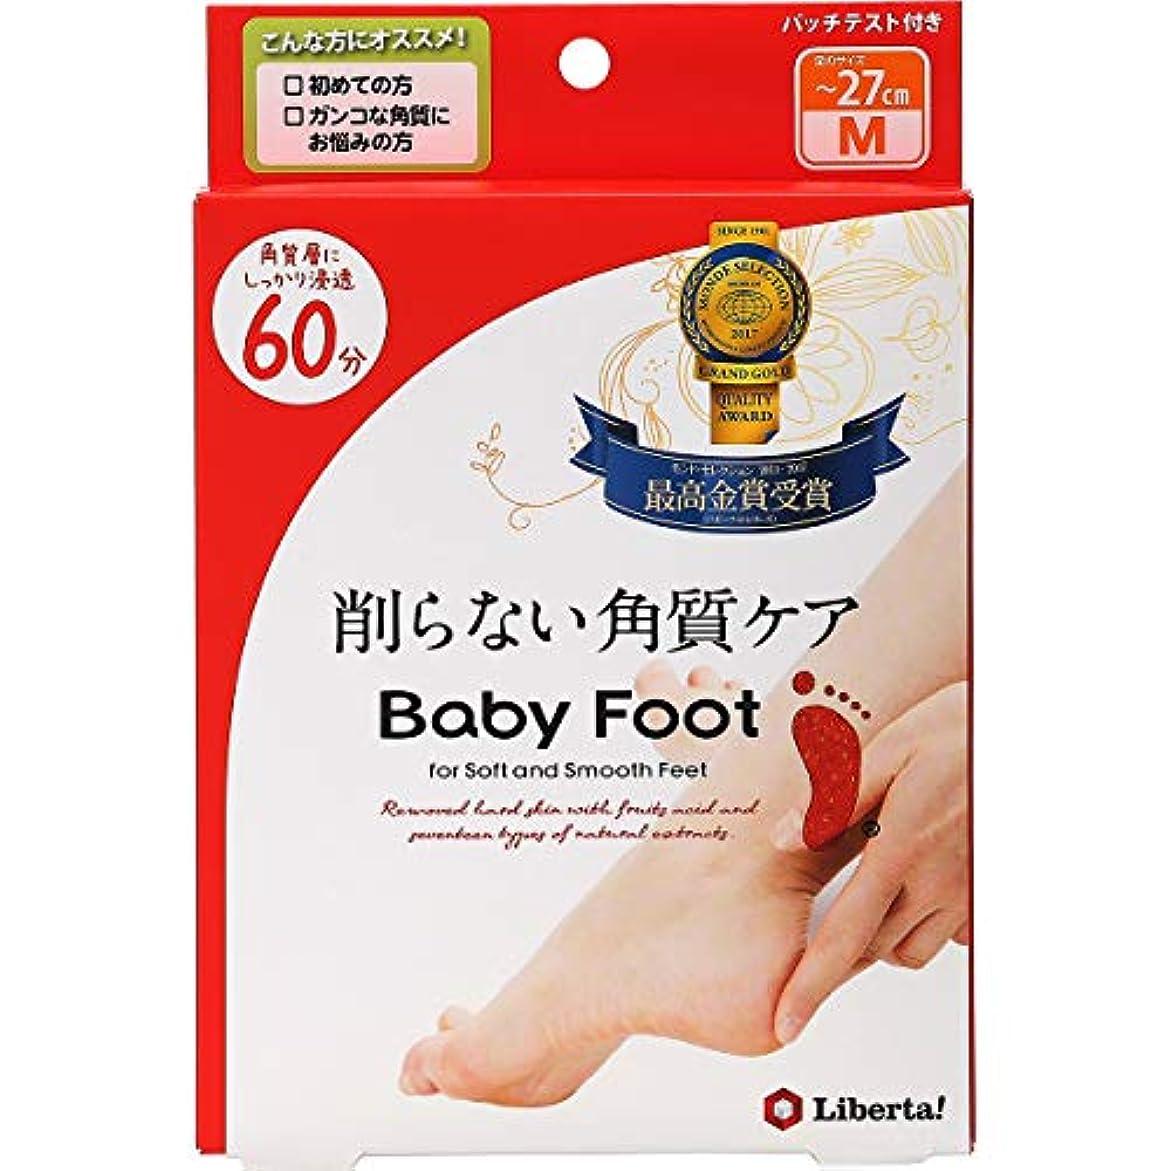 クリークディレイプレビューベビーフット (Baby Foot) ベビーフット イージーパック SPT60分タイプ Mサイズ 単品